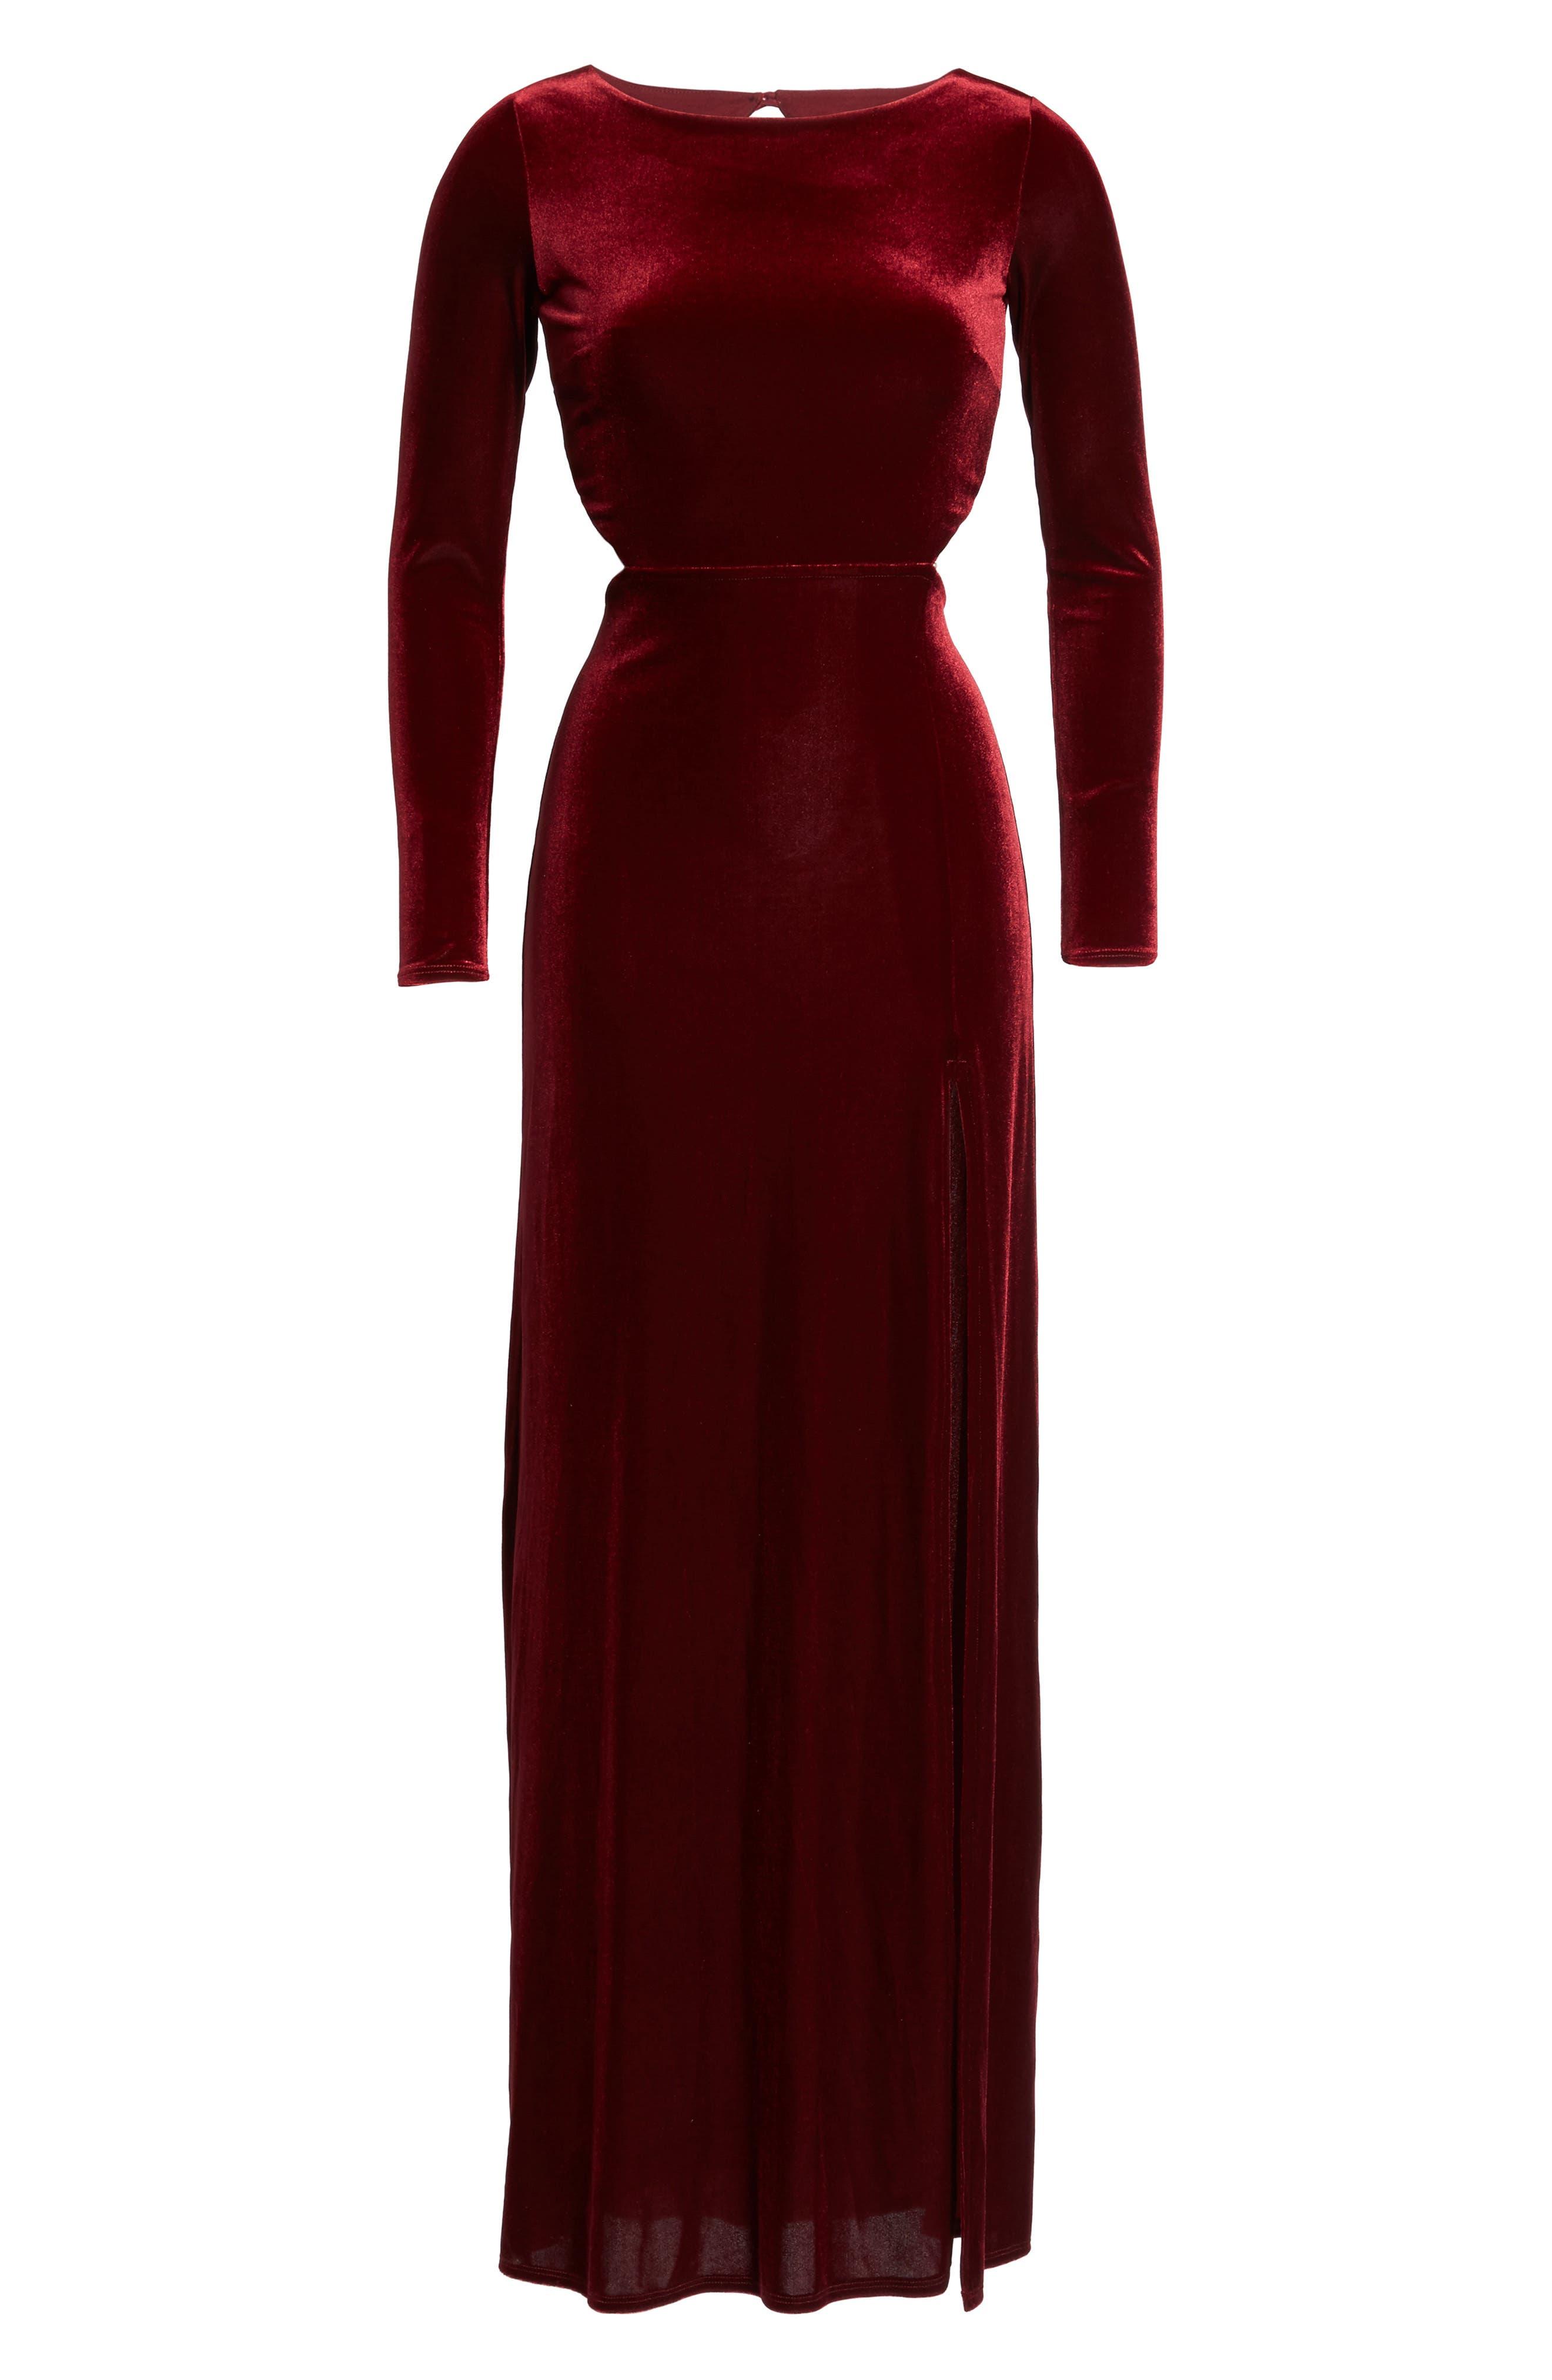 Besame Long Sleeve Velvet Maxi Dress,                             Alternate thumbnail 6, color,                             620